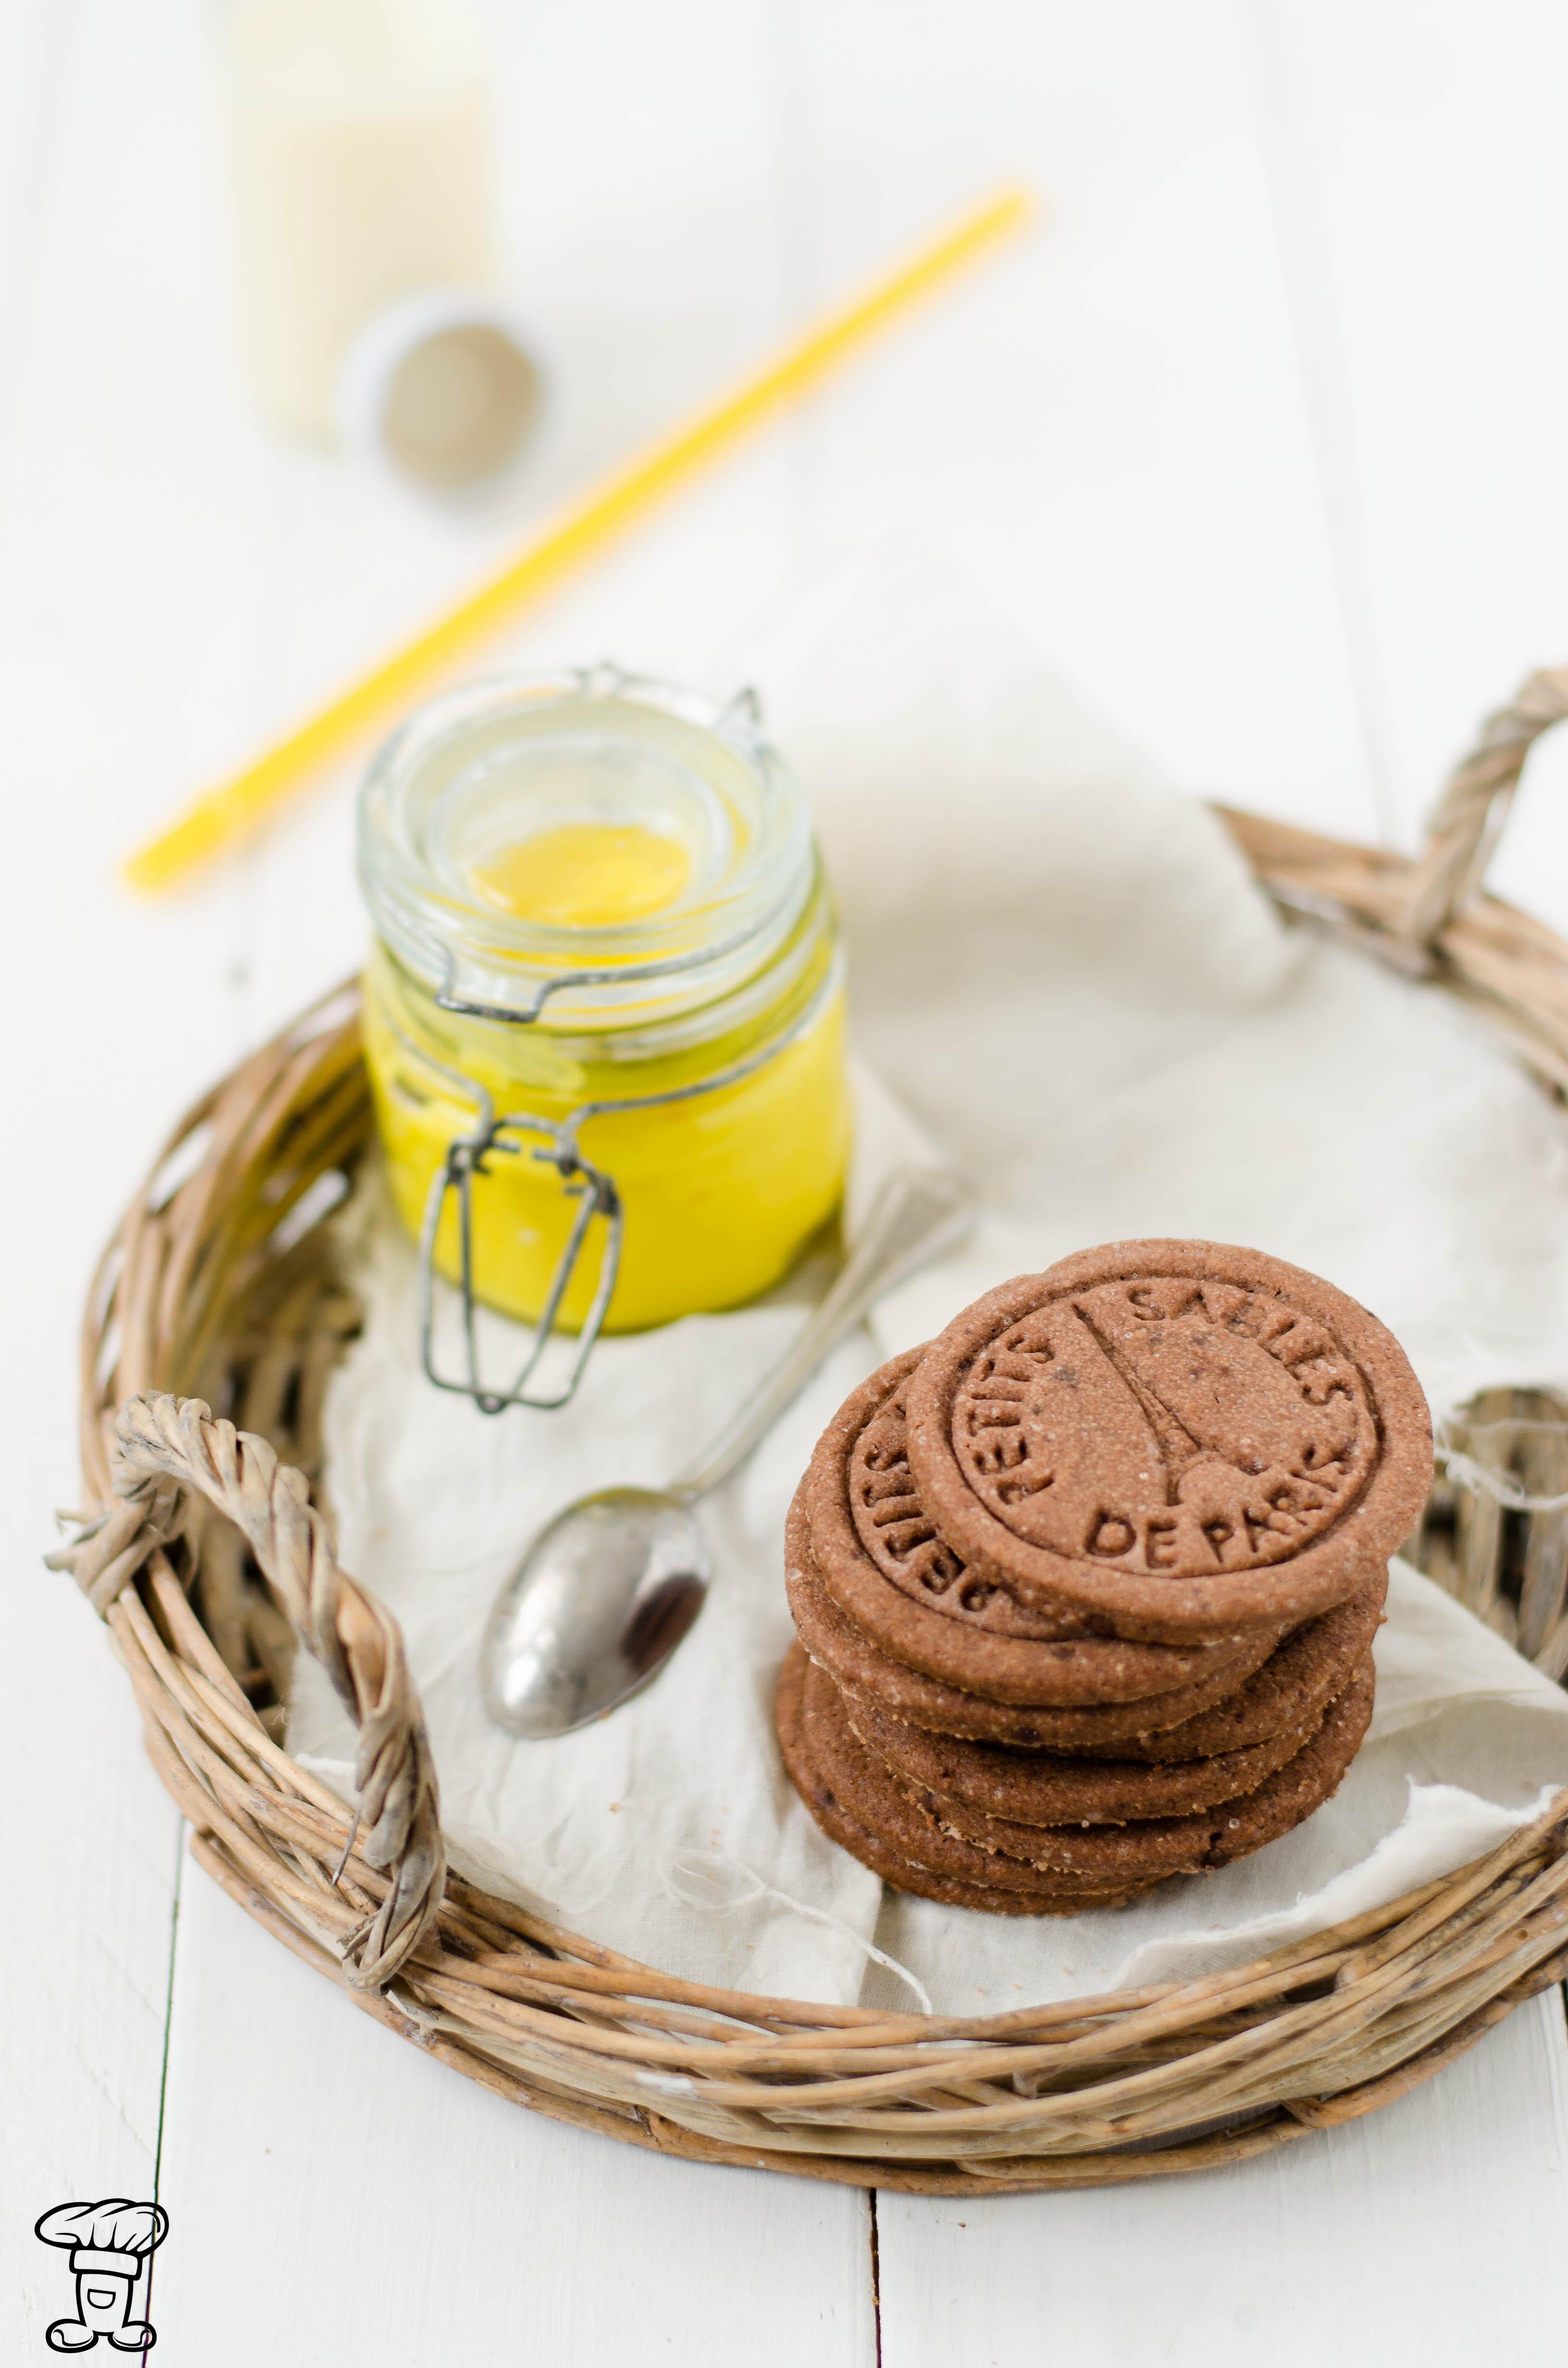 Biscotti-cacao-pepe-lemon-curcuma1 Biscotti al cacao e pepe ripieni di lemon curd alla curcuma